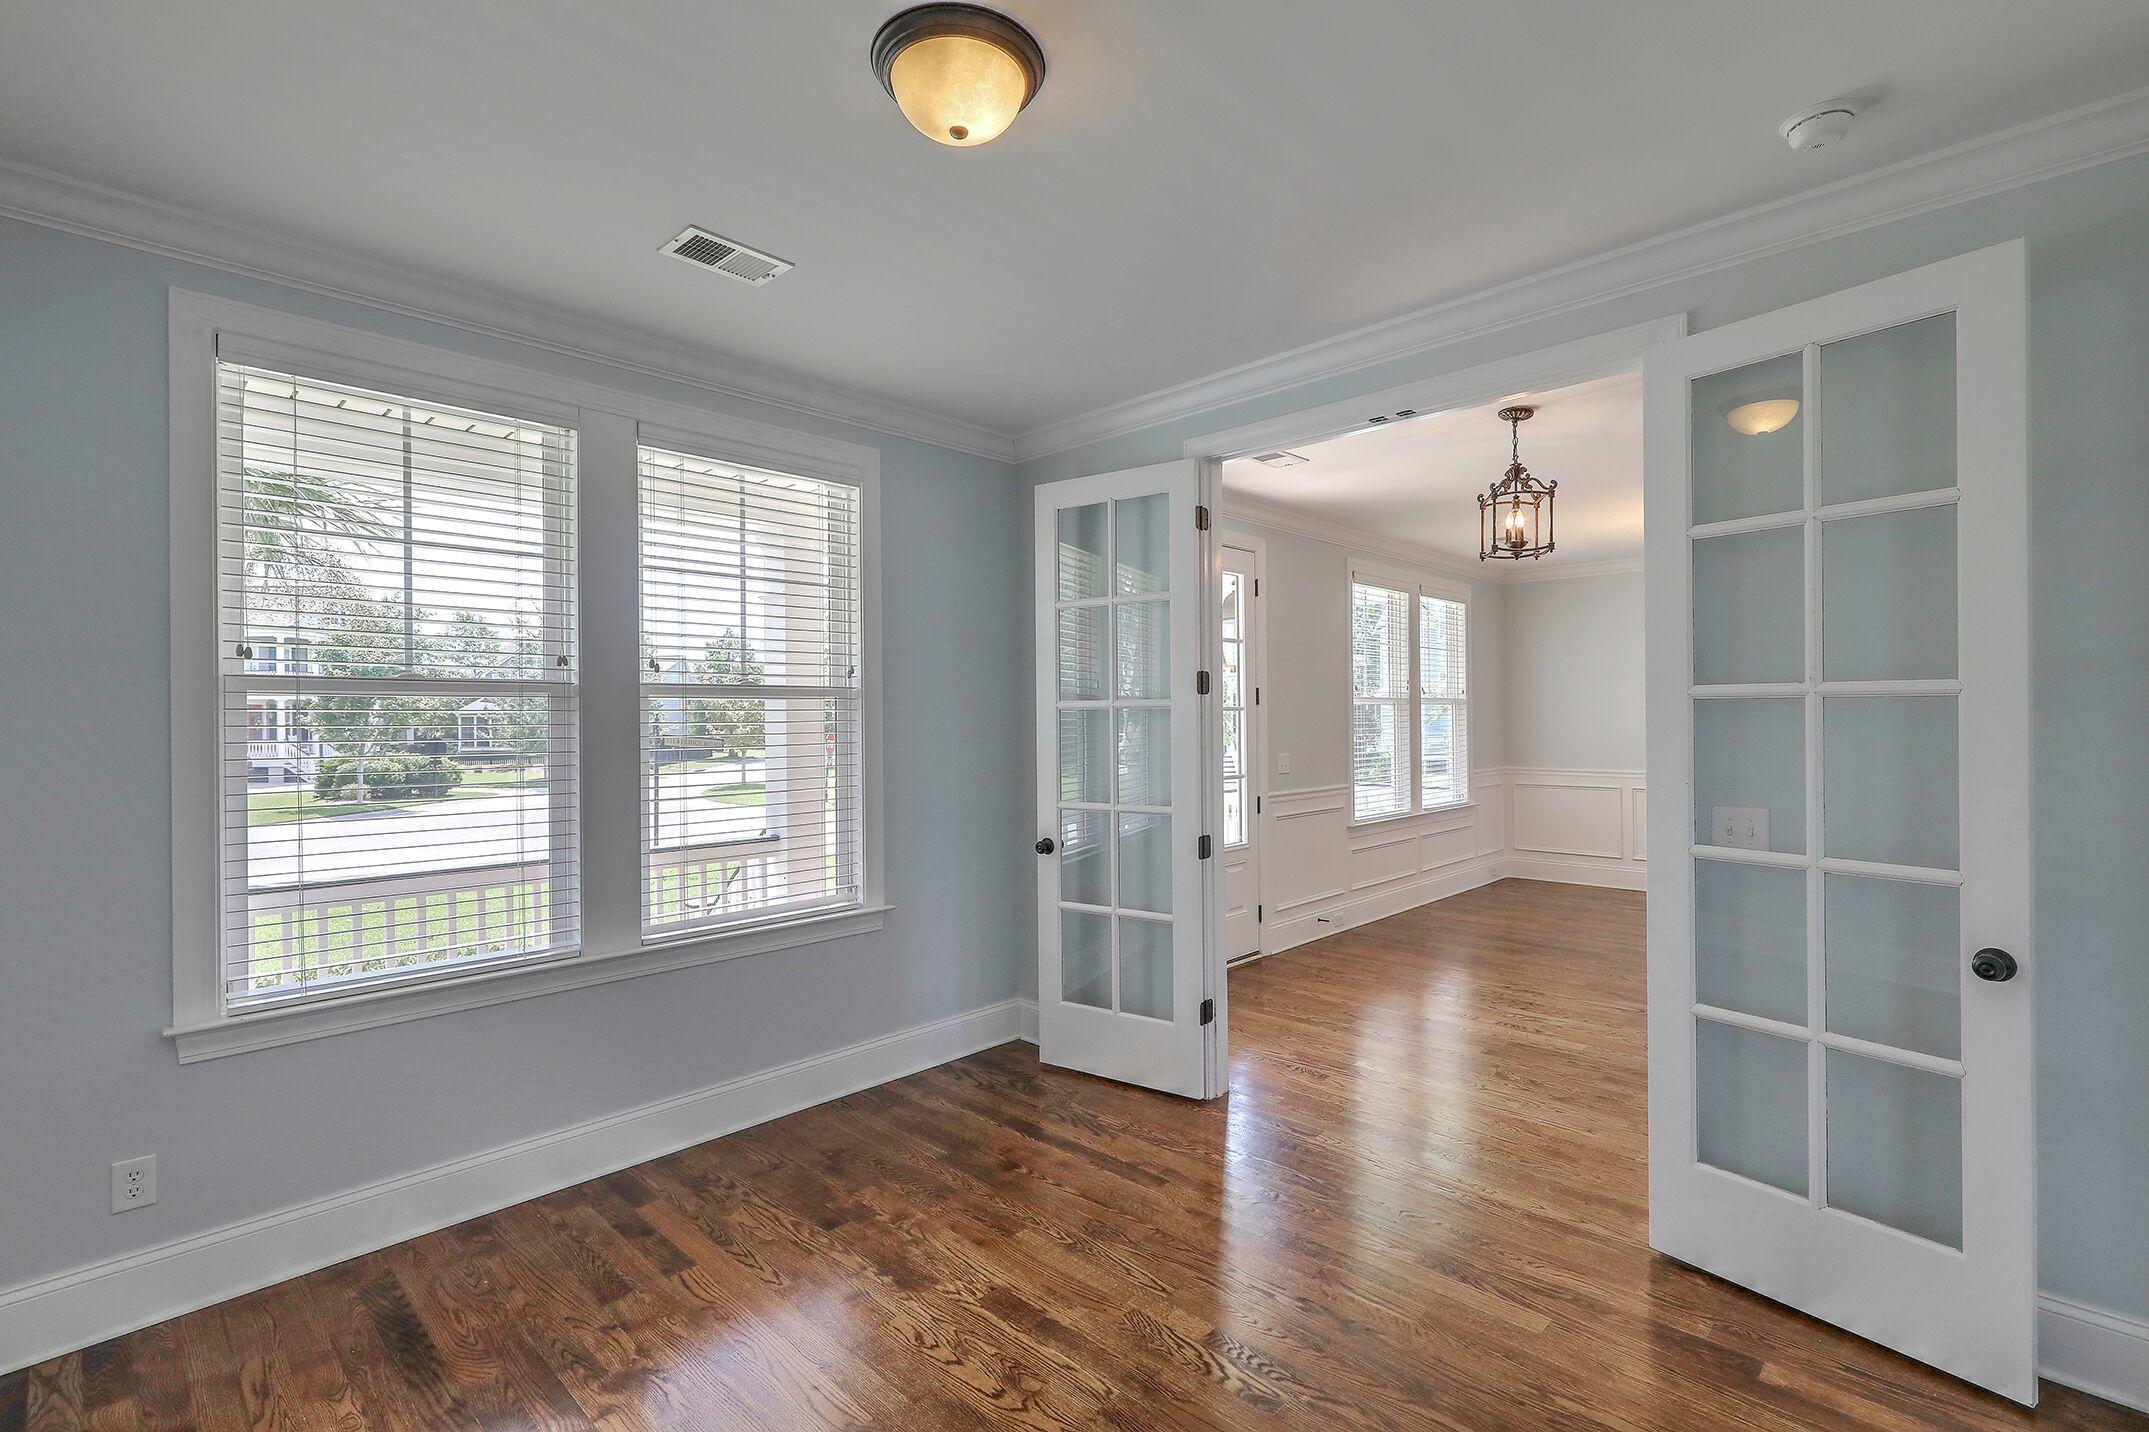 Dunes West Homes For Sale - 2970 Sturbridge, Mount Pleasant, SC - 37